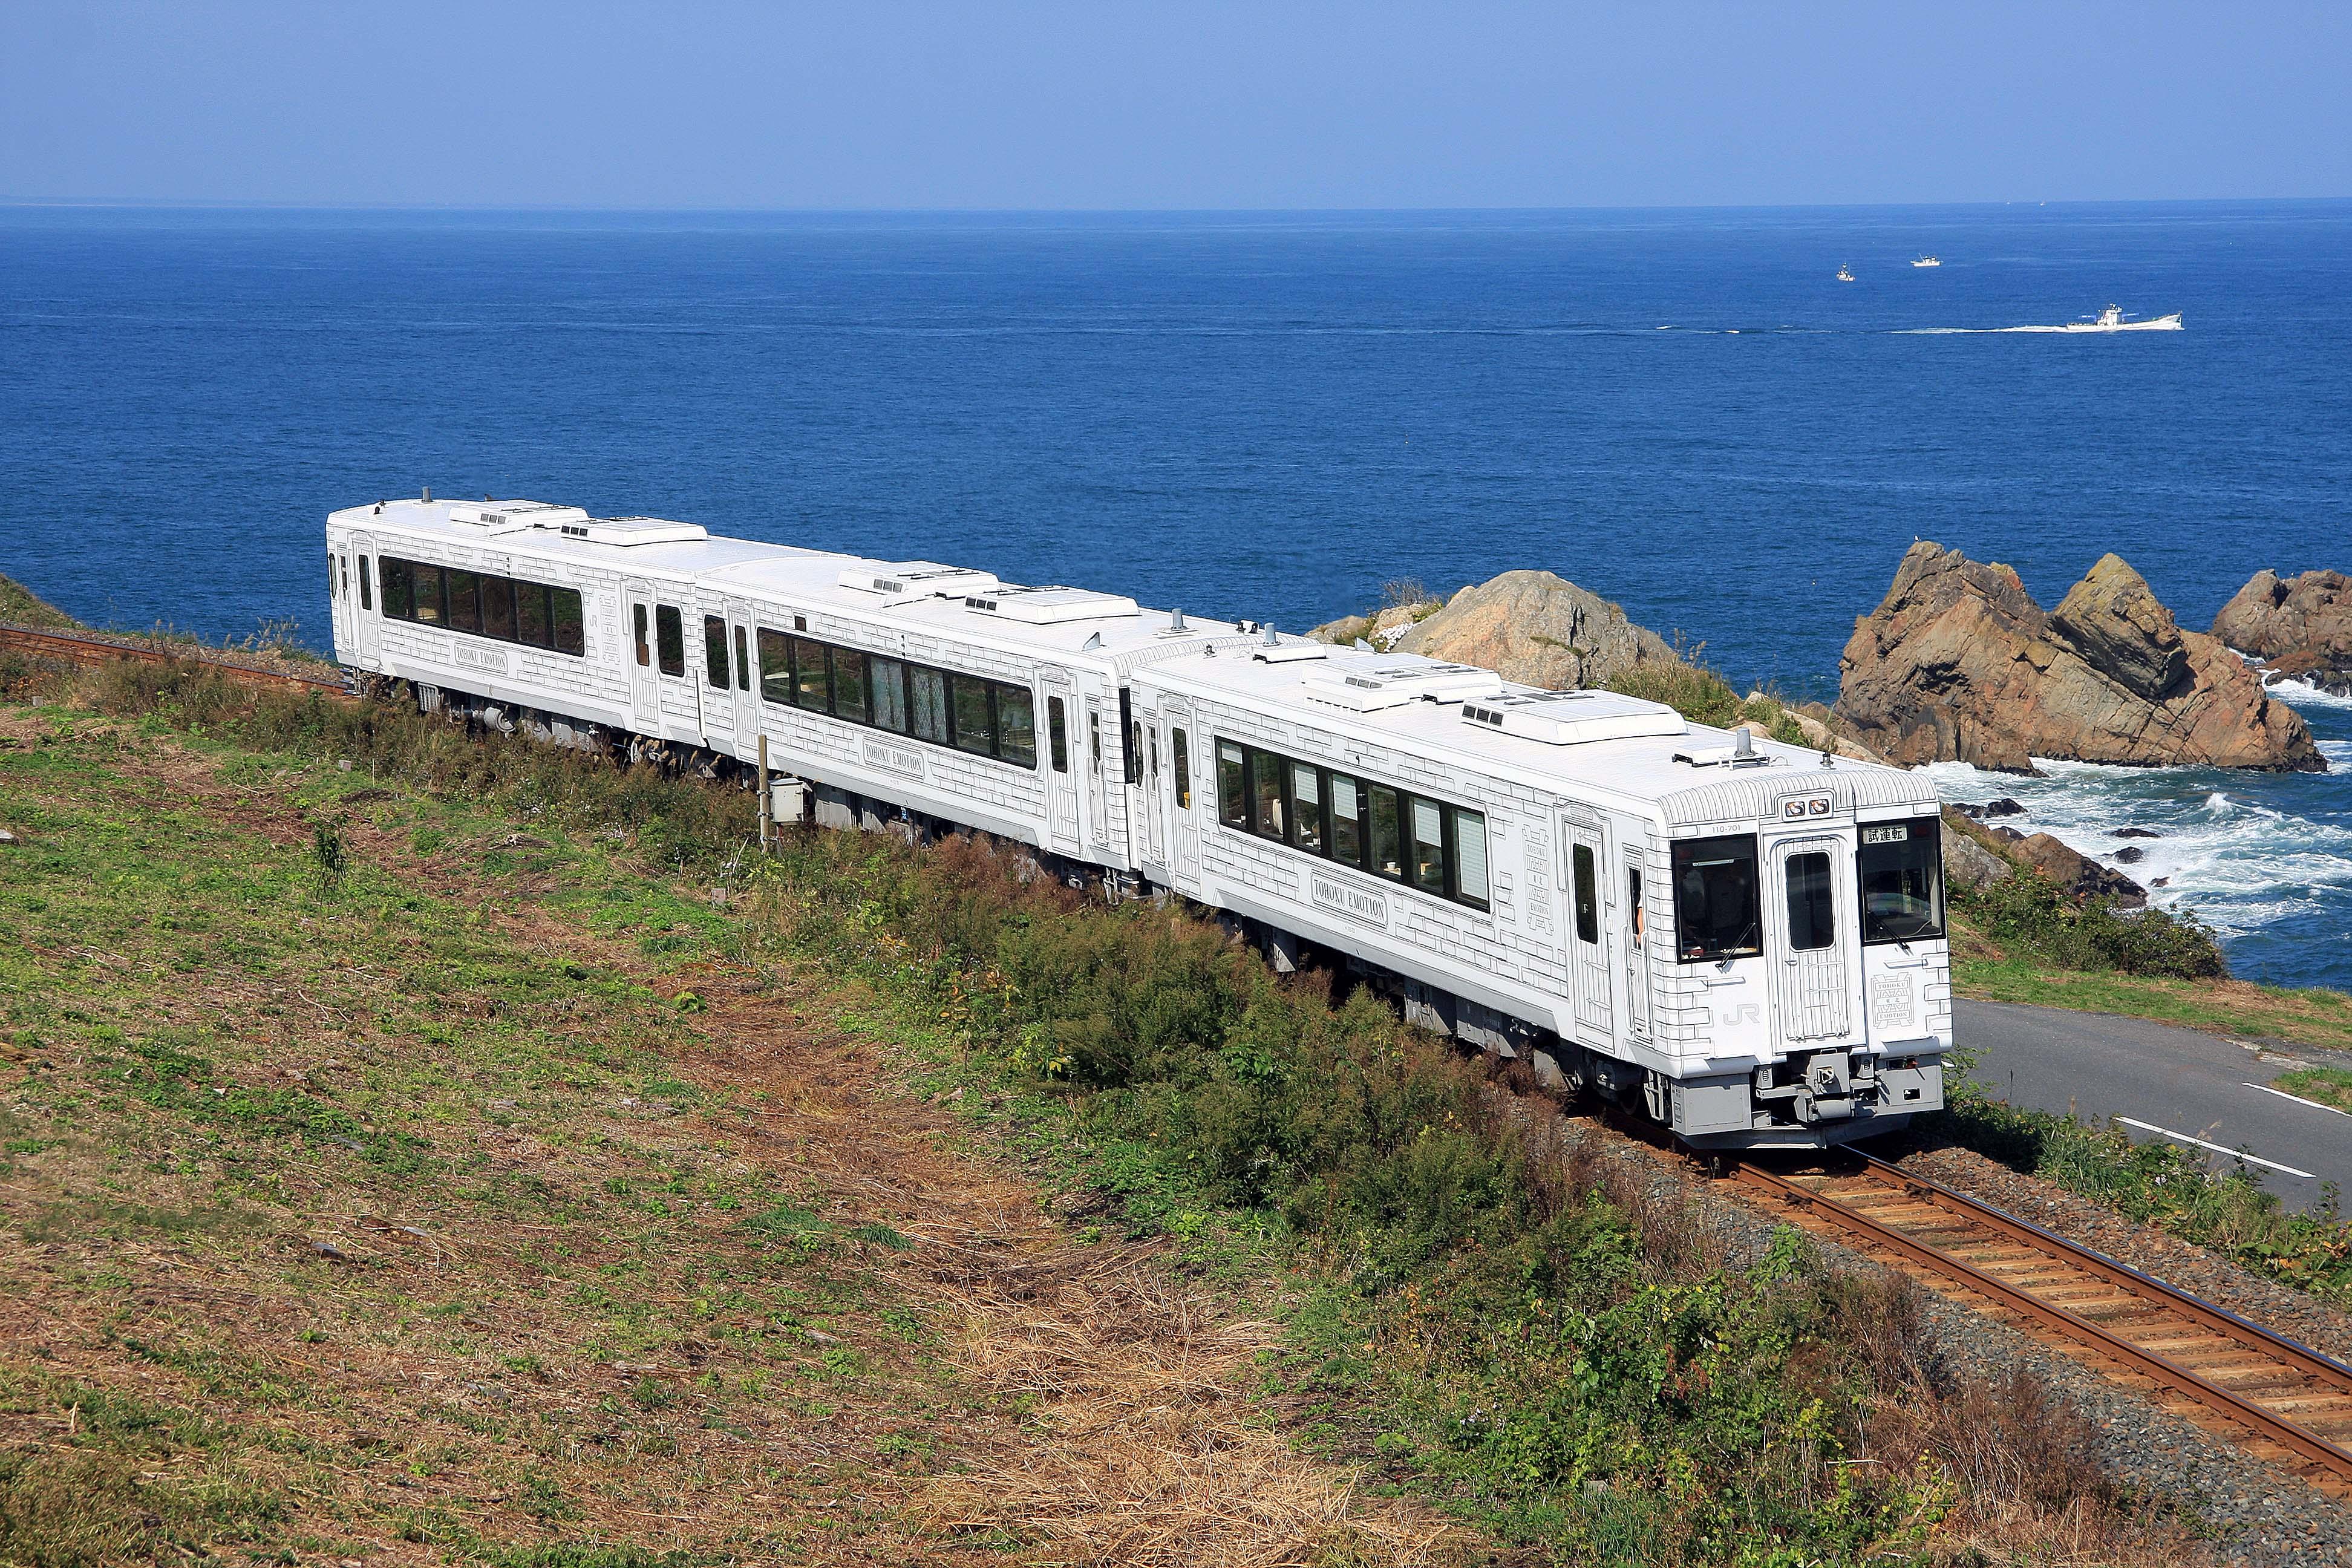 青森リンゴで育んだジャー黒牛、レストラン列車「TOHOKU EMOTION」で!